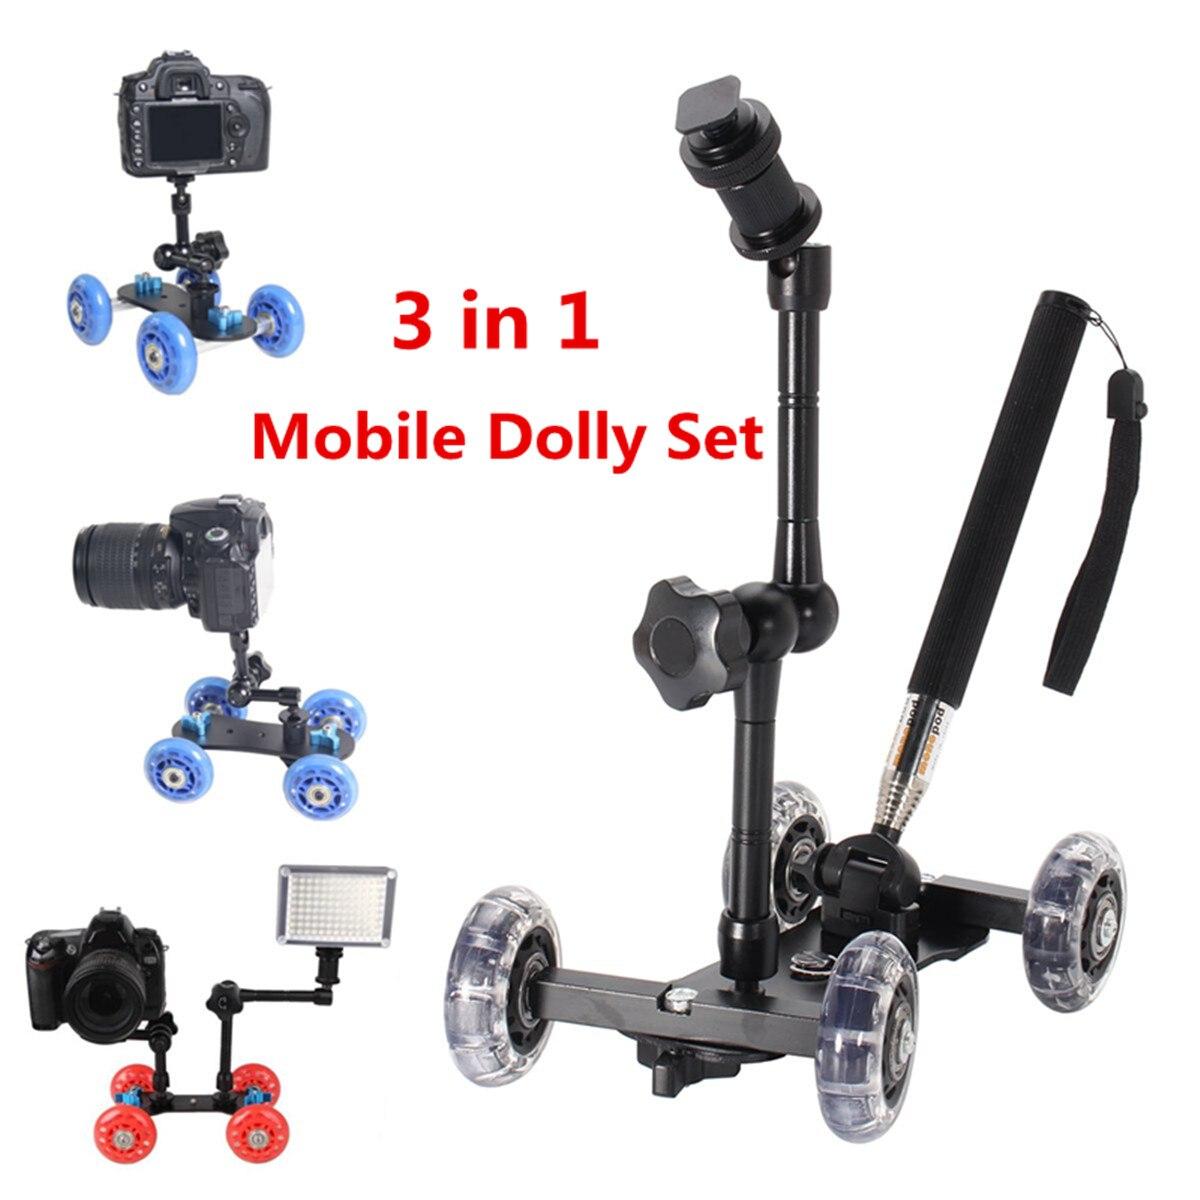 Tableau caméra vidéo roues Rail roulement piste curseur Dolly voiture glisse ensemble stabilisateur patineur Rail système Photo Studio accessoires